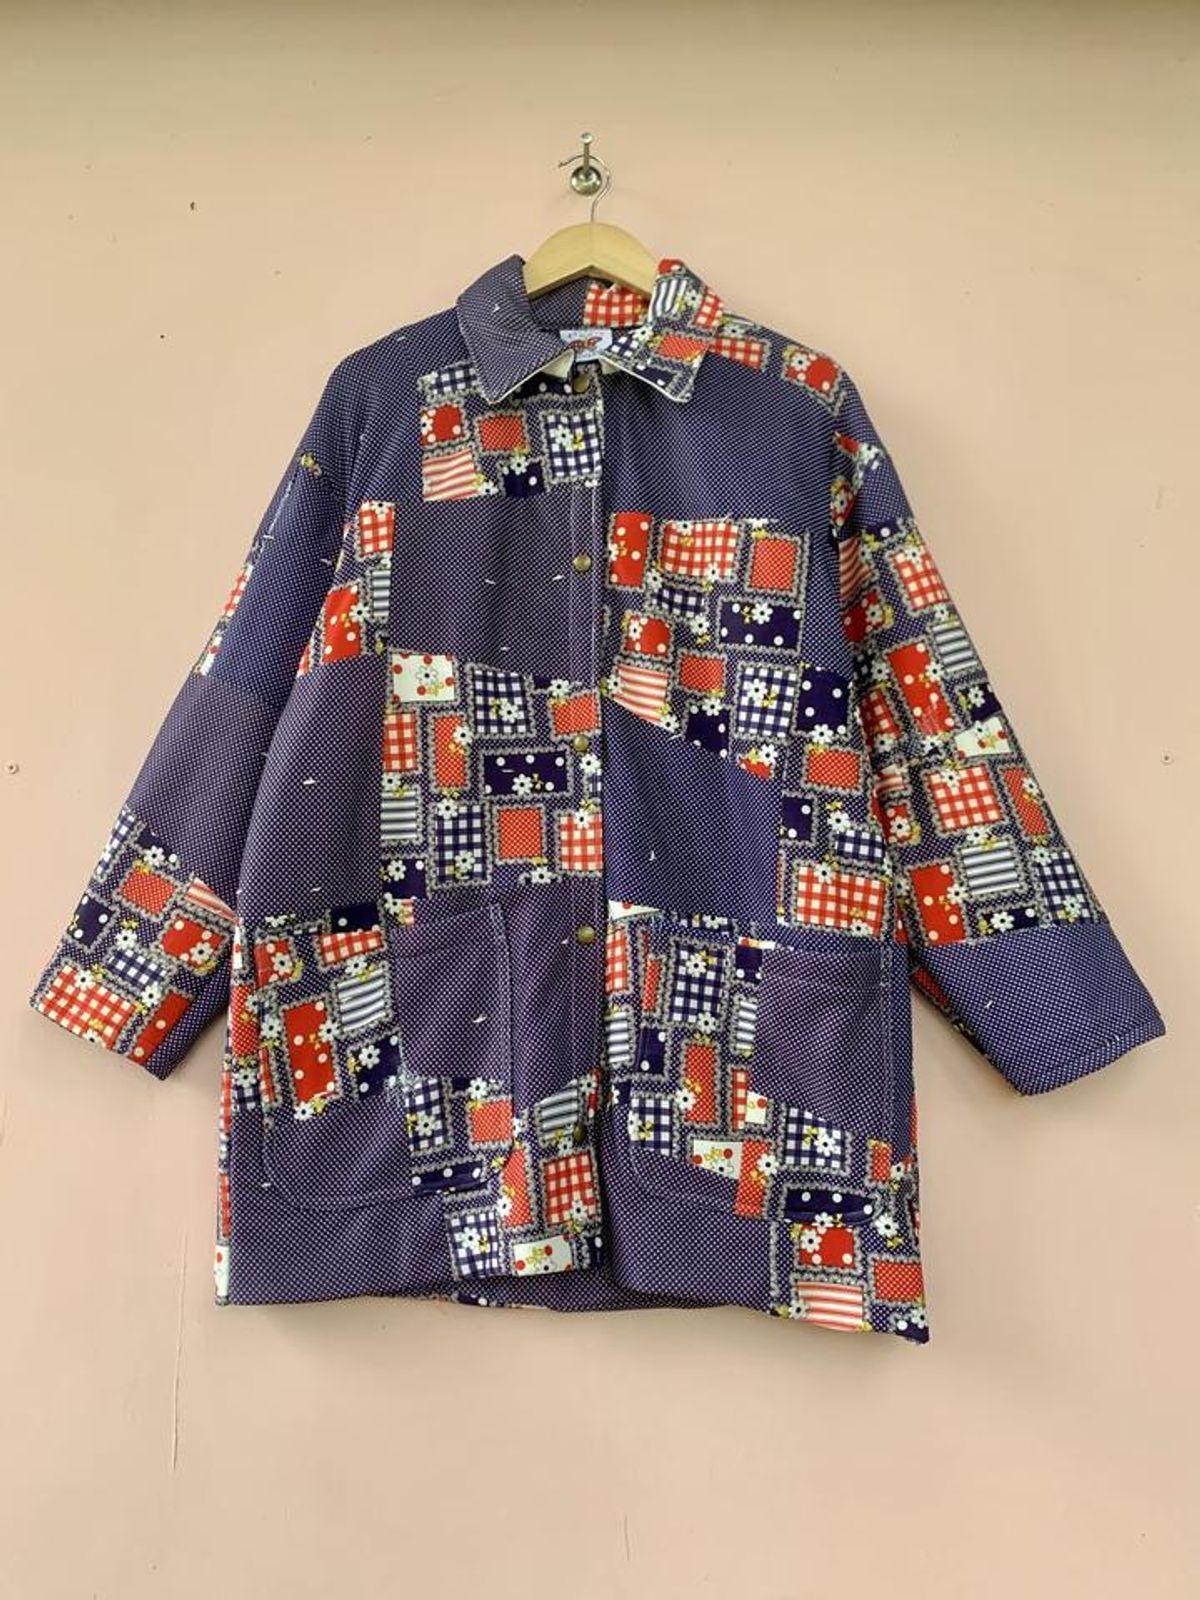 Poly Daisy Picnic Readymade Chore Coat